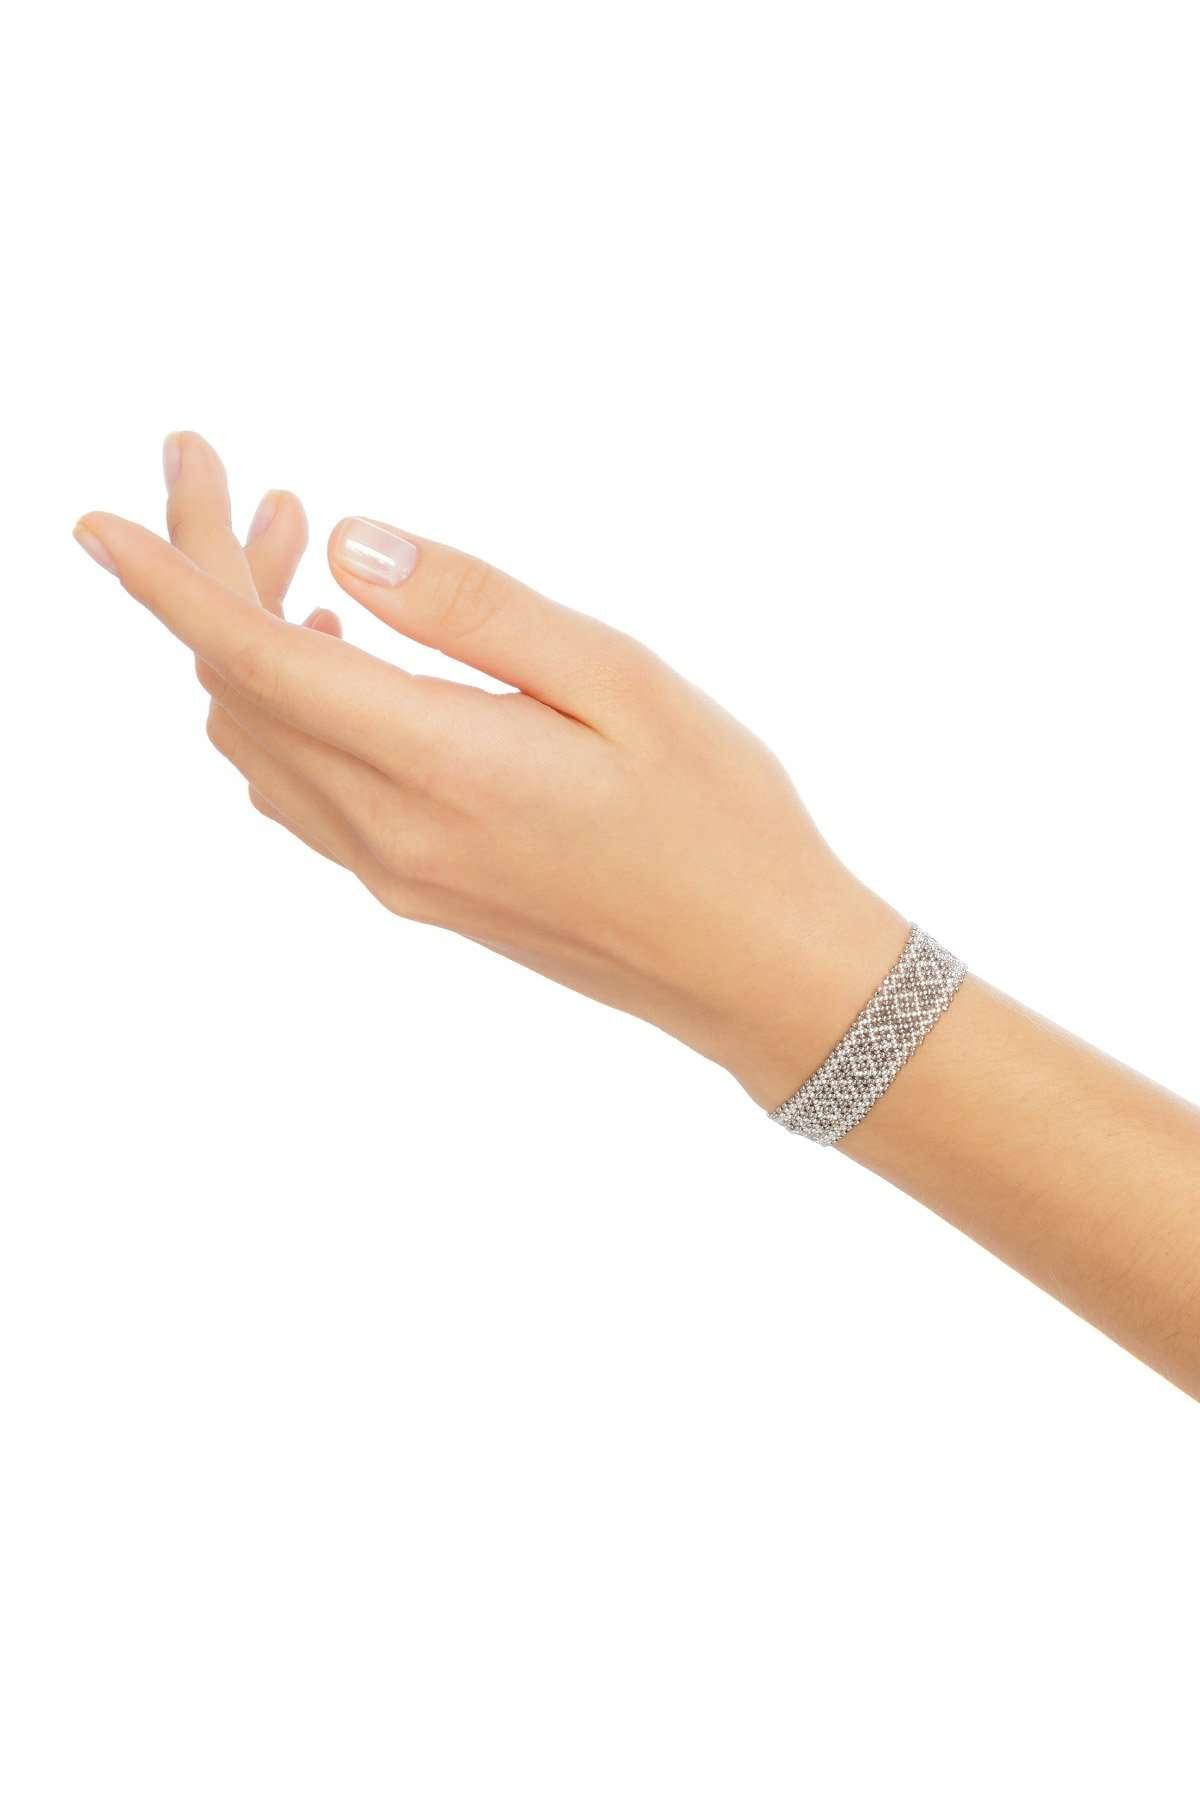 011-mini-brazaletes-plata-platino-alt1